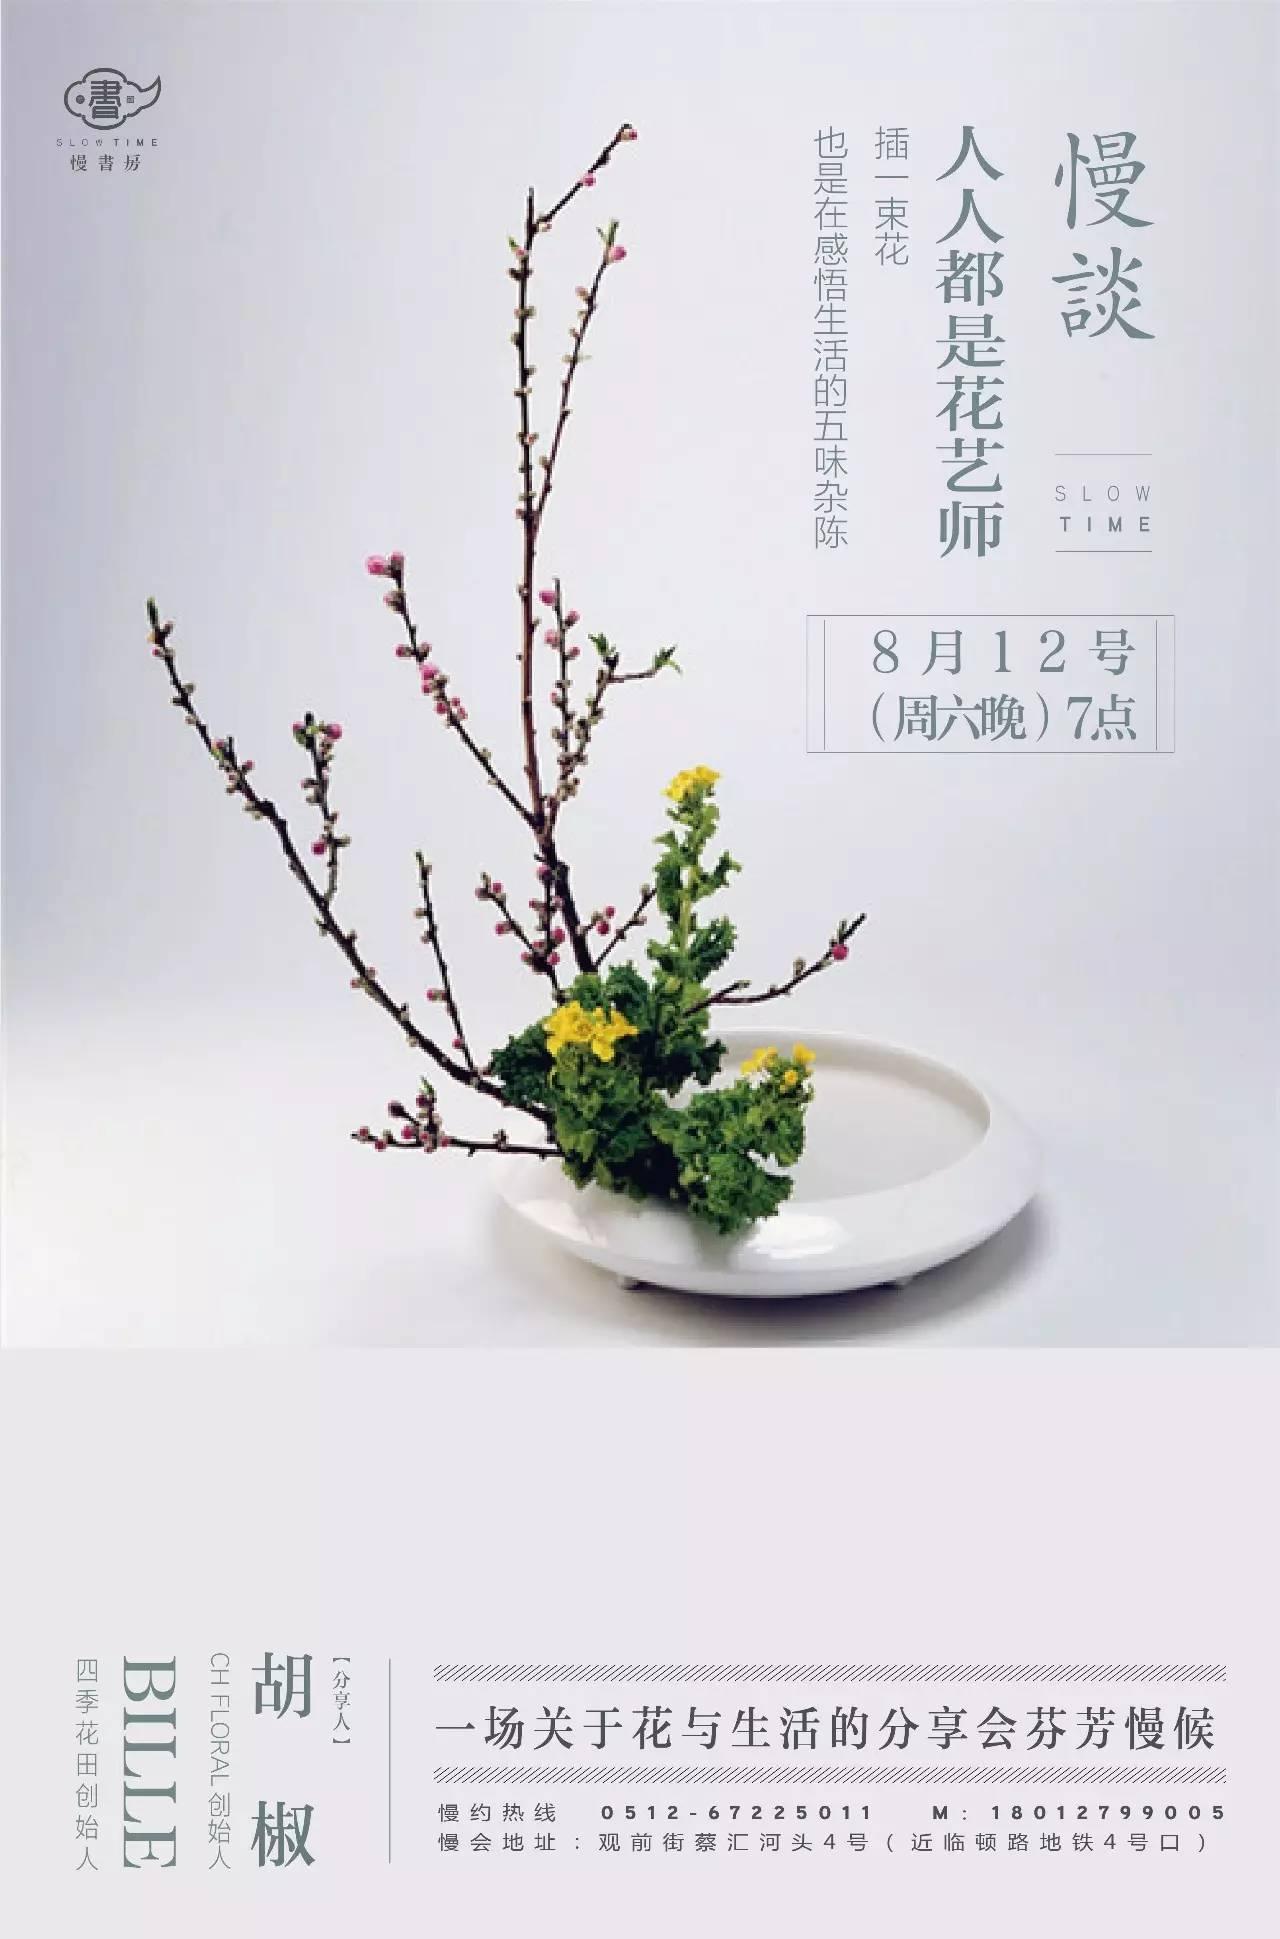 插一束花,就是在感悟生活的五味杂陈